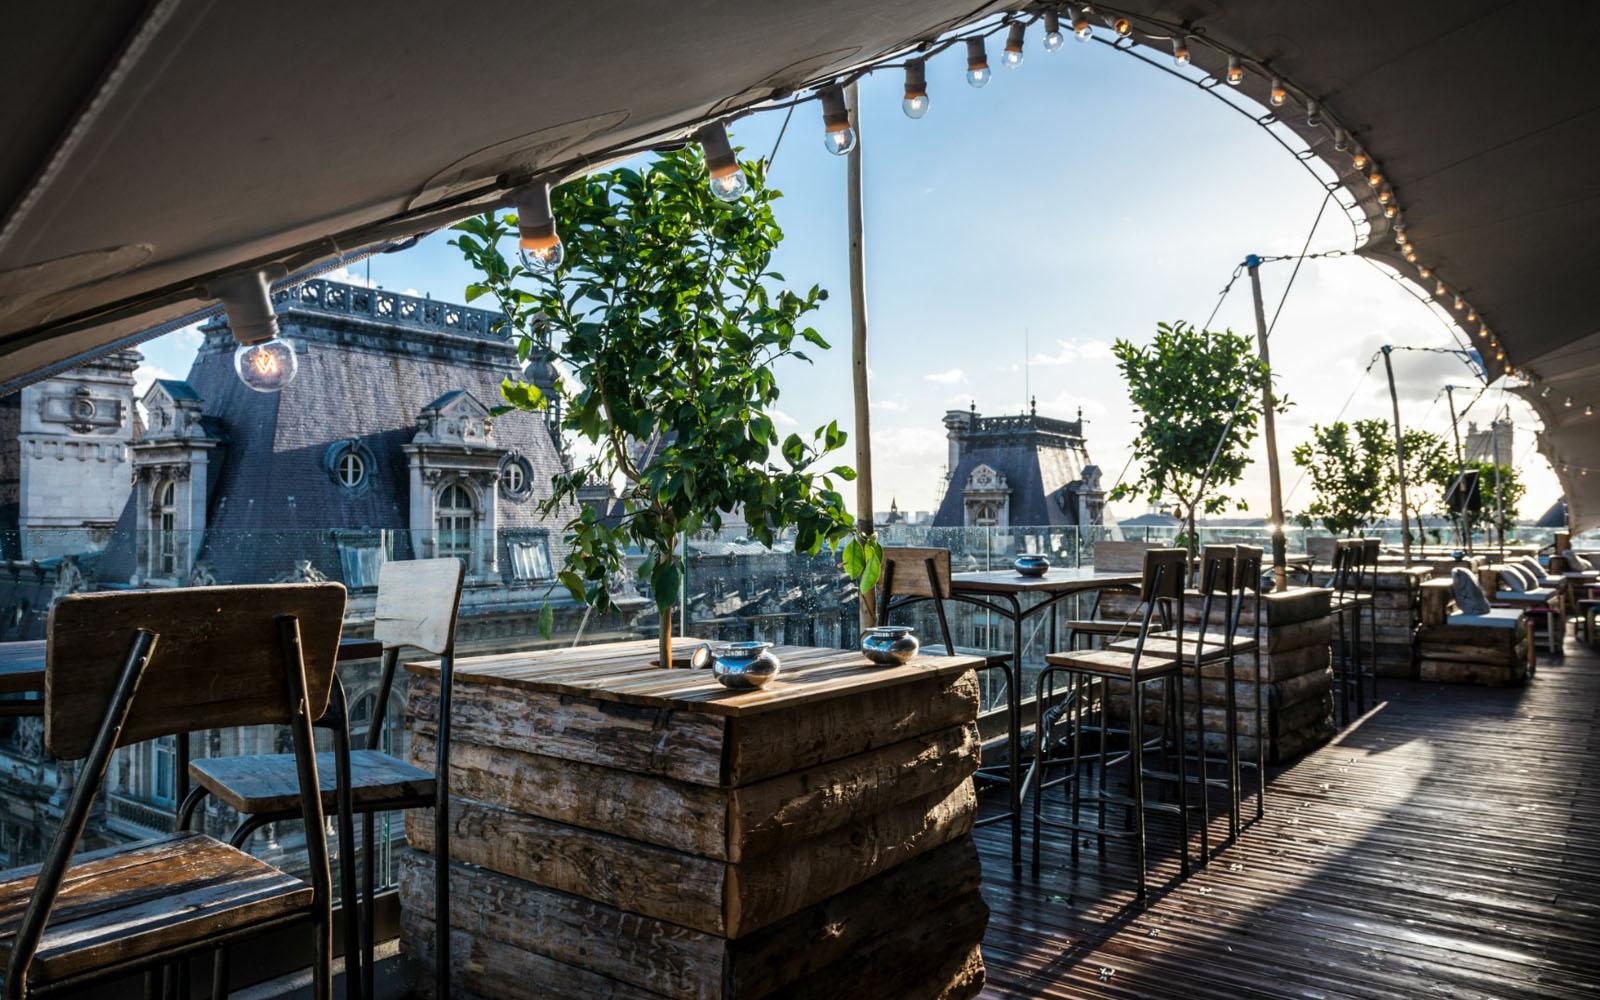 Il locale con terrazza sul tetto Le Perchoir, nel centrale quartiere Marais di Parigi.